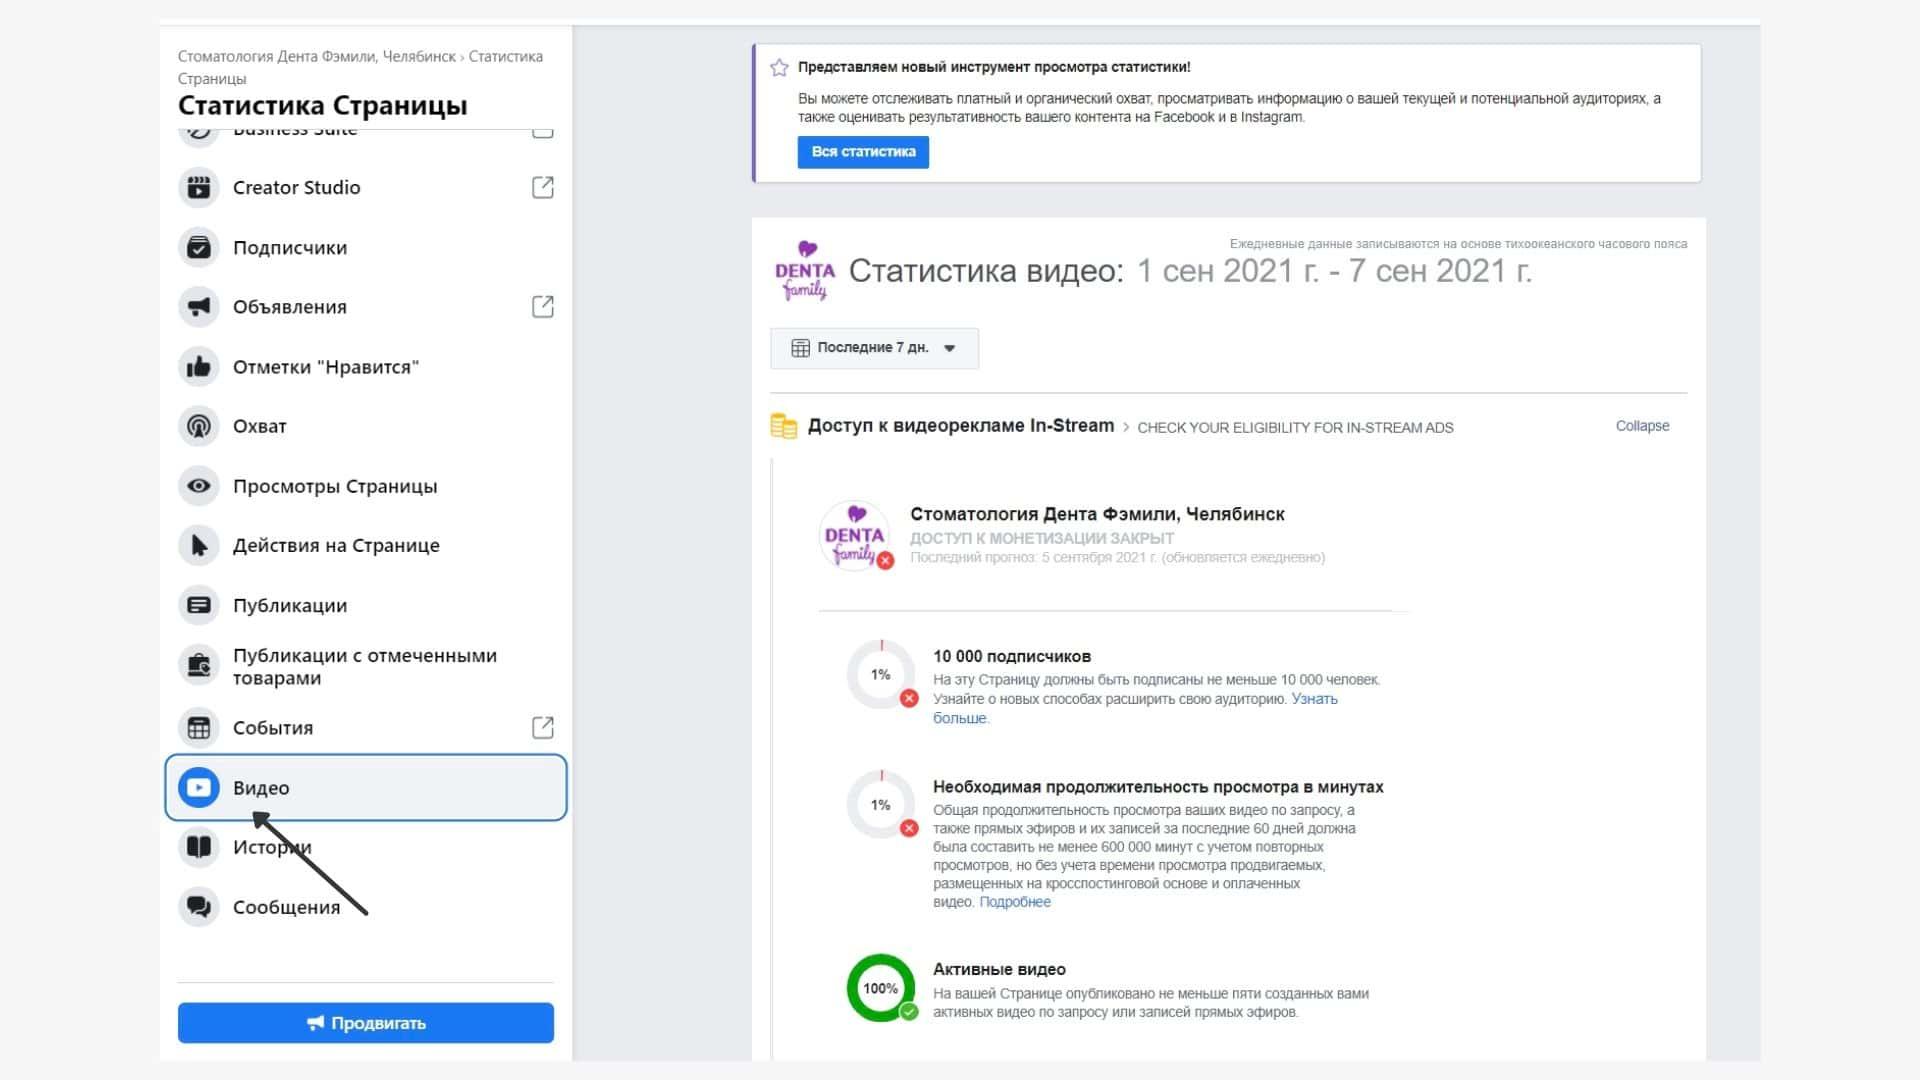 Как подключить монетизацию видео в Фейсбуке